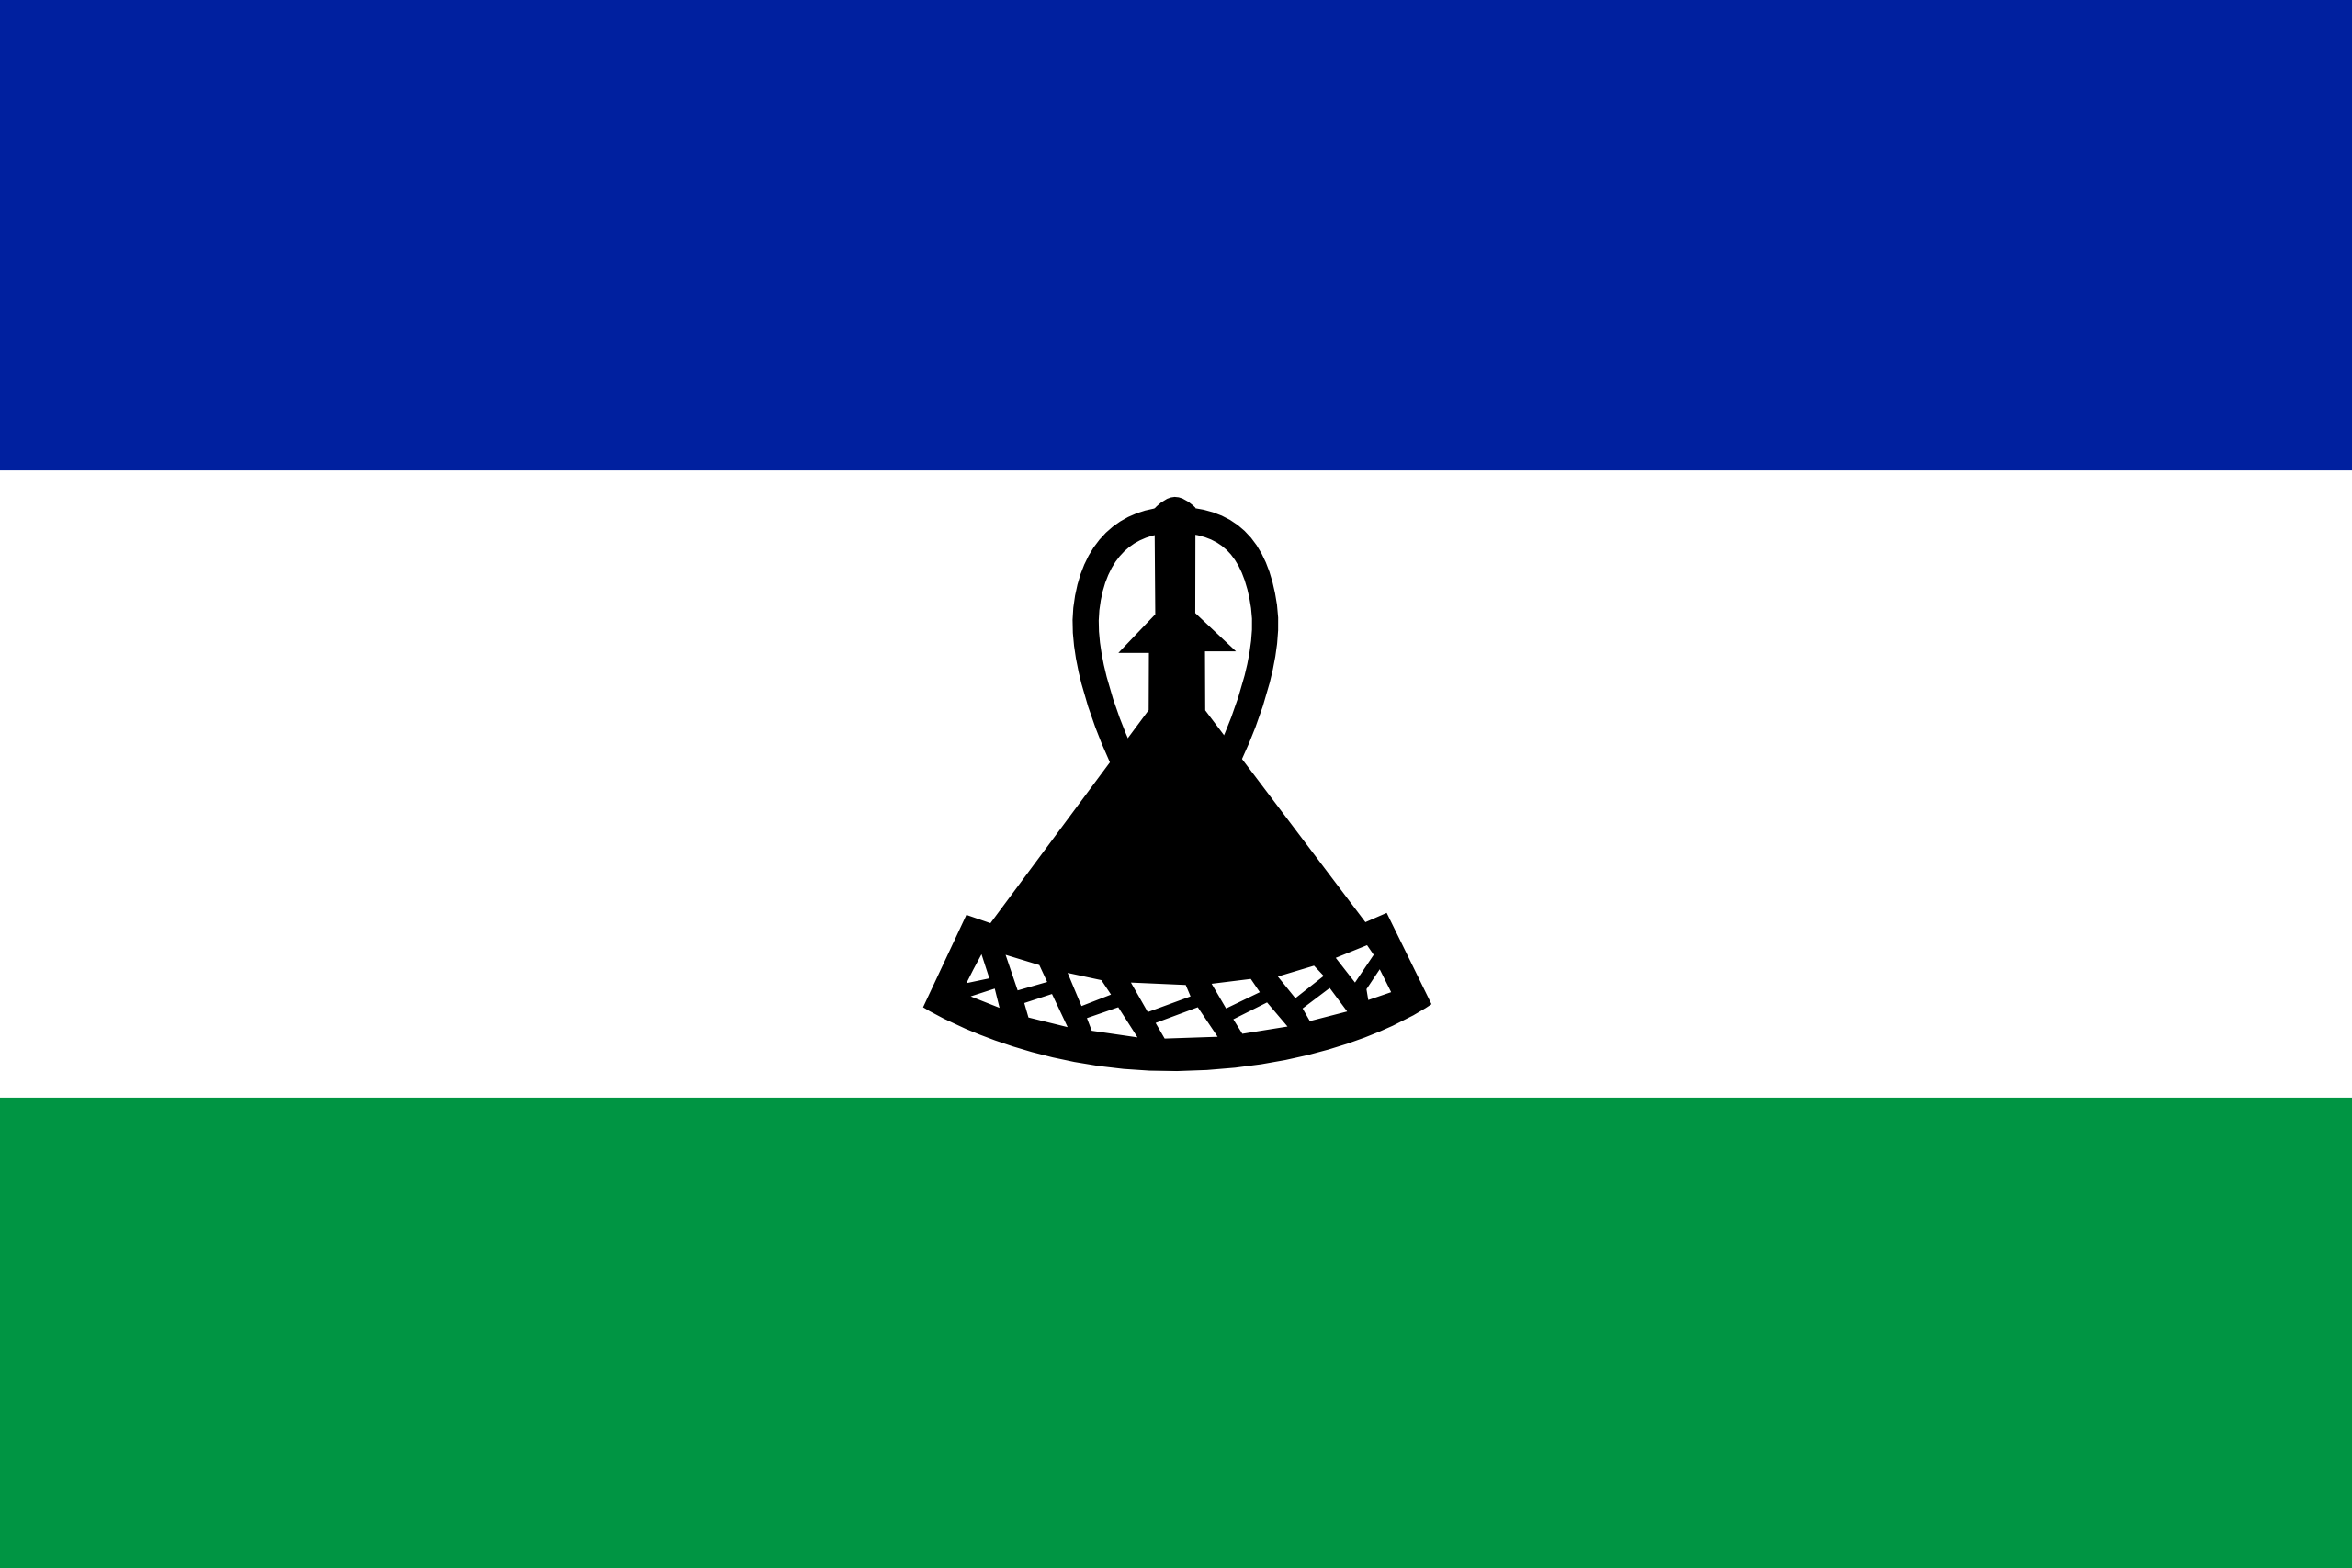 Lesotho, paese, emblema, logo, simbolo - Sfondi HD - Professor-falken.com